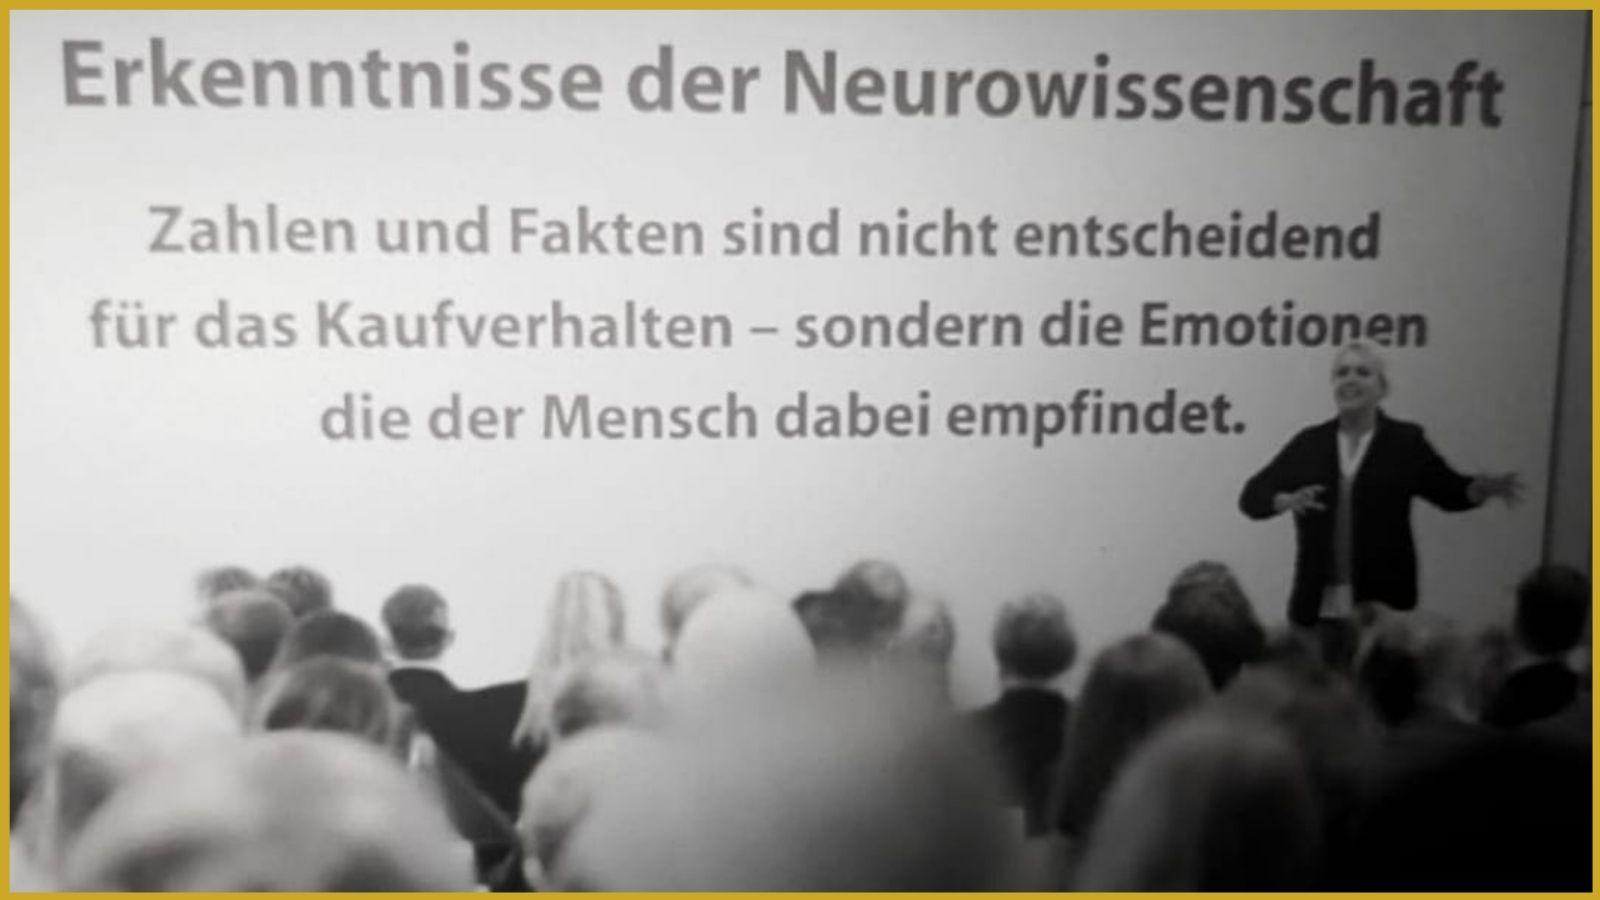 Erkenntnisse der Neurowissenschaft bei einem Vortrag